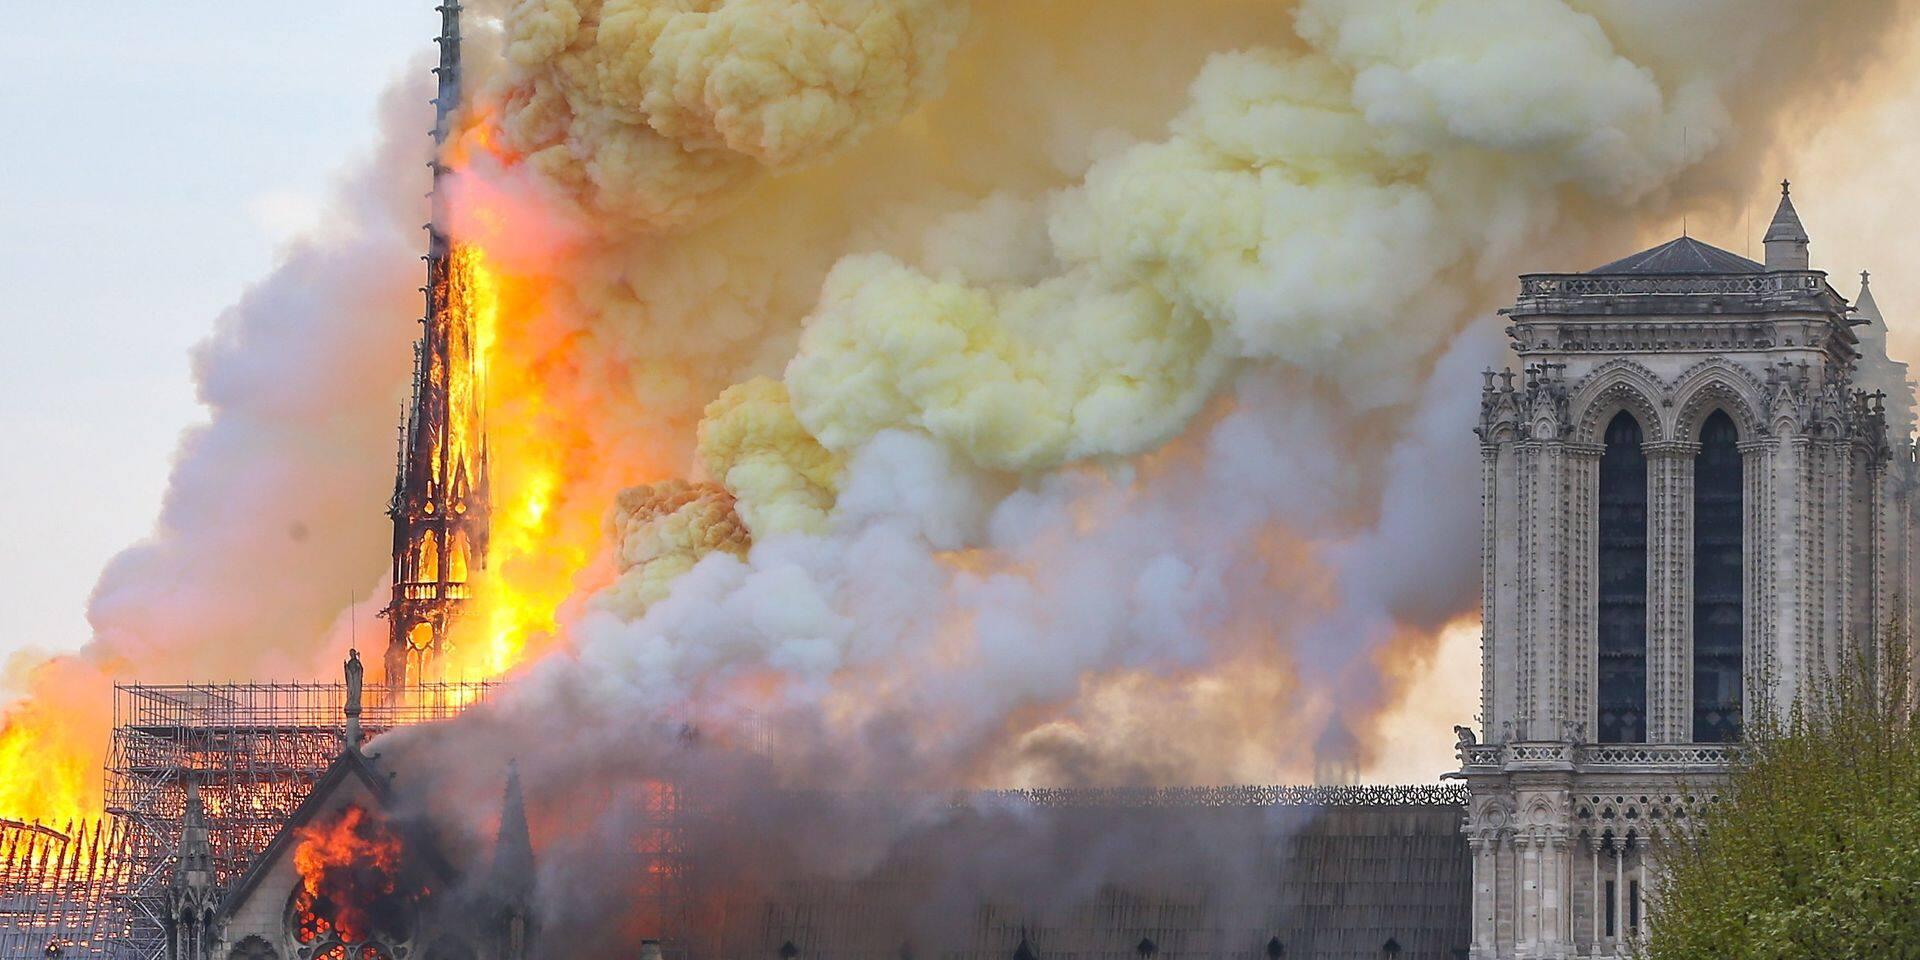 Incendie à Notre-Dame de Paris: une heureuse nouvelle annoncée